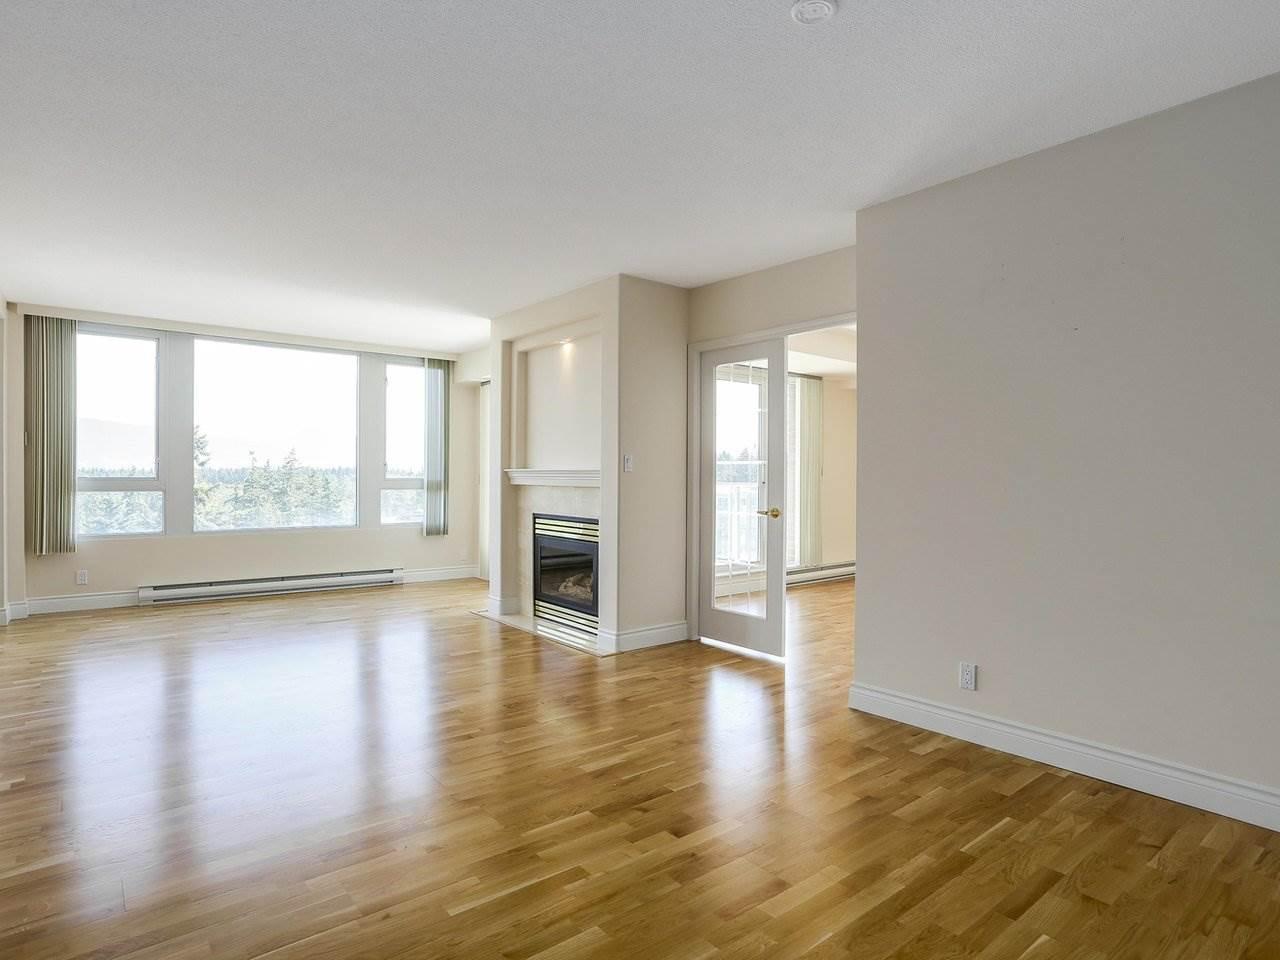 Condo Apartment at 1704 5775 HAMPTON PLACE, Unit 1704, Vancouver West, British Columbia. Image 2